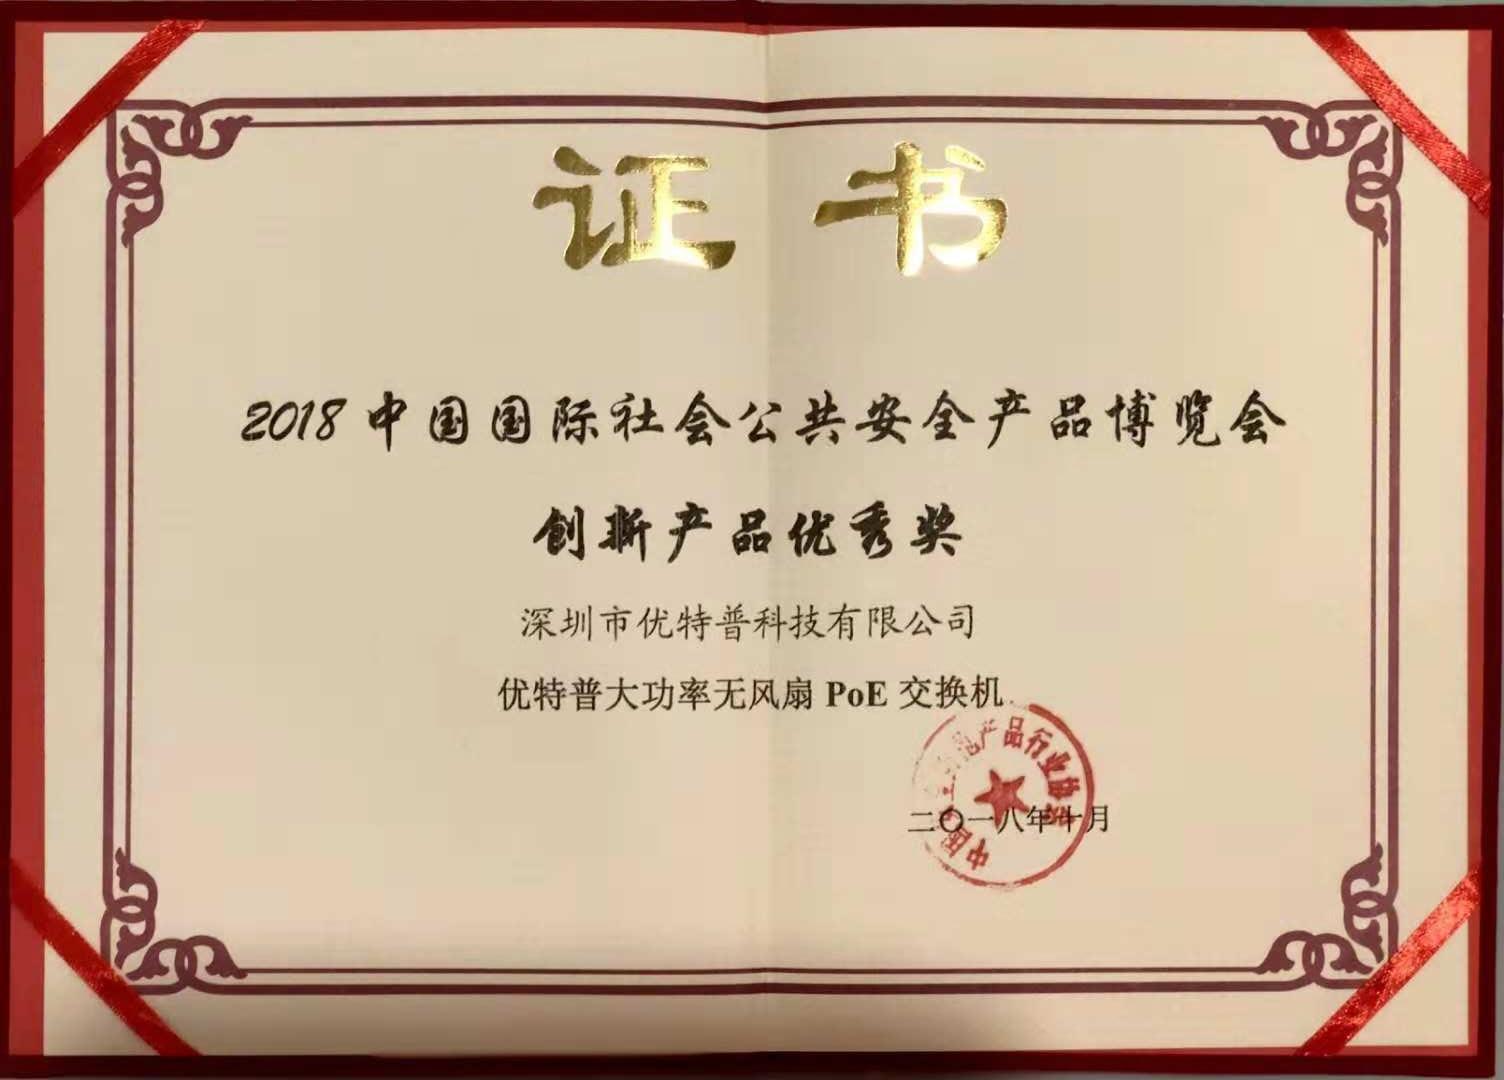 2018北京安博会创新产品奖